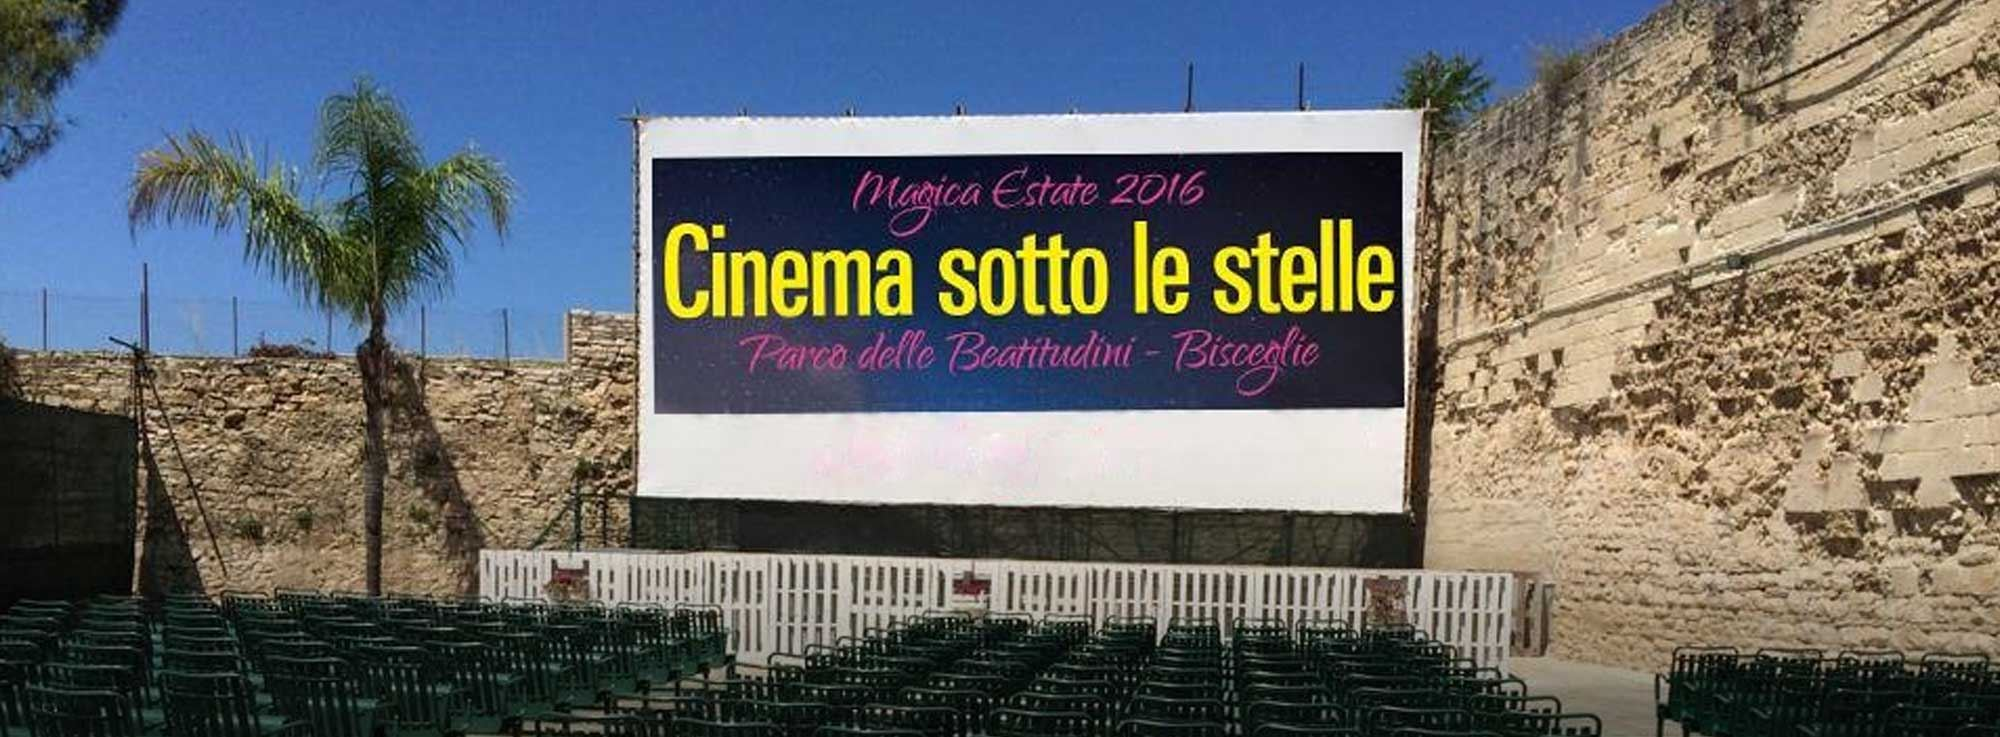 Bisceglie: Cinema sotto le stelle 2016